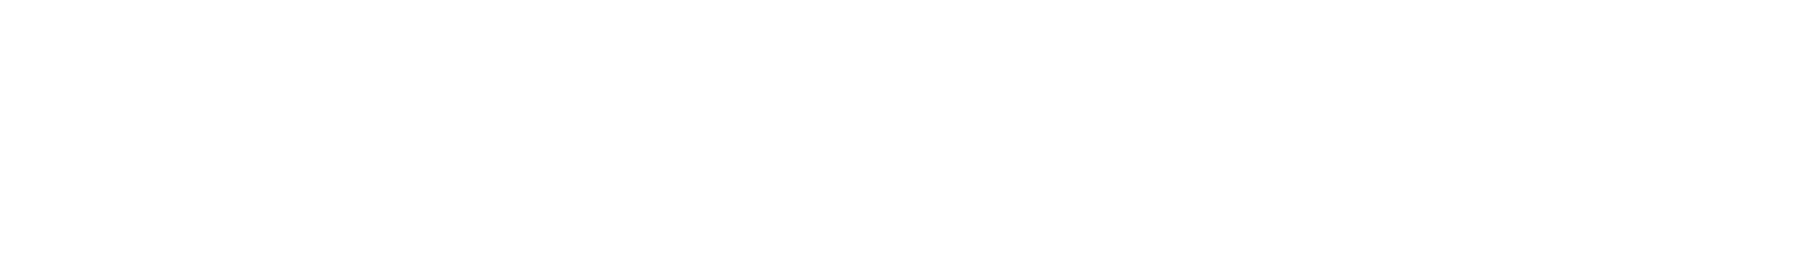 fonky vocals